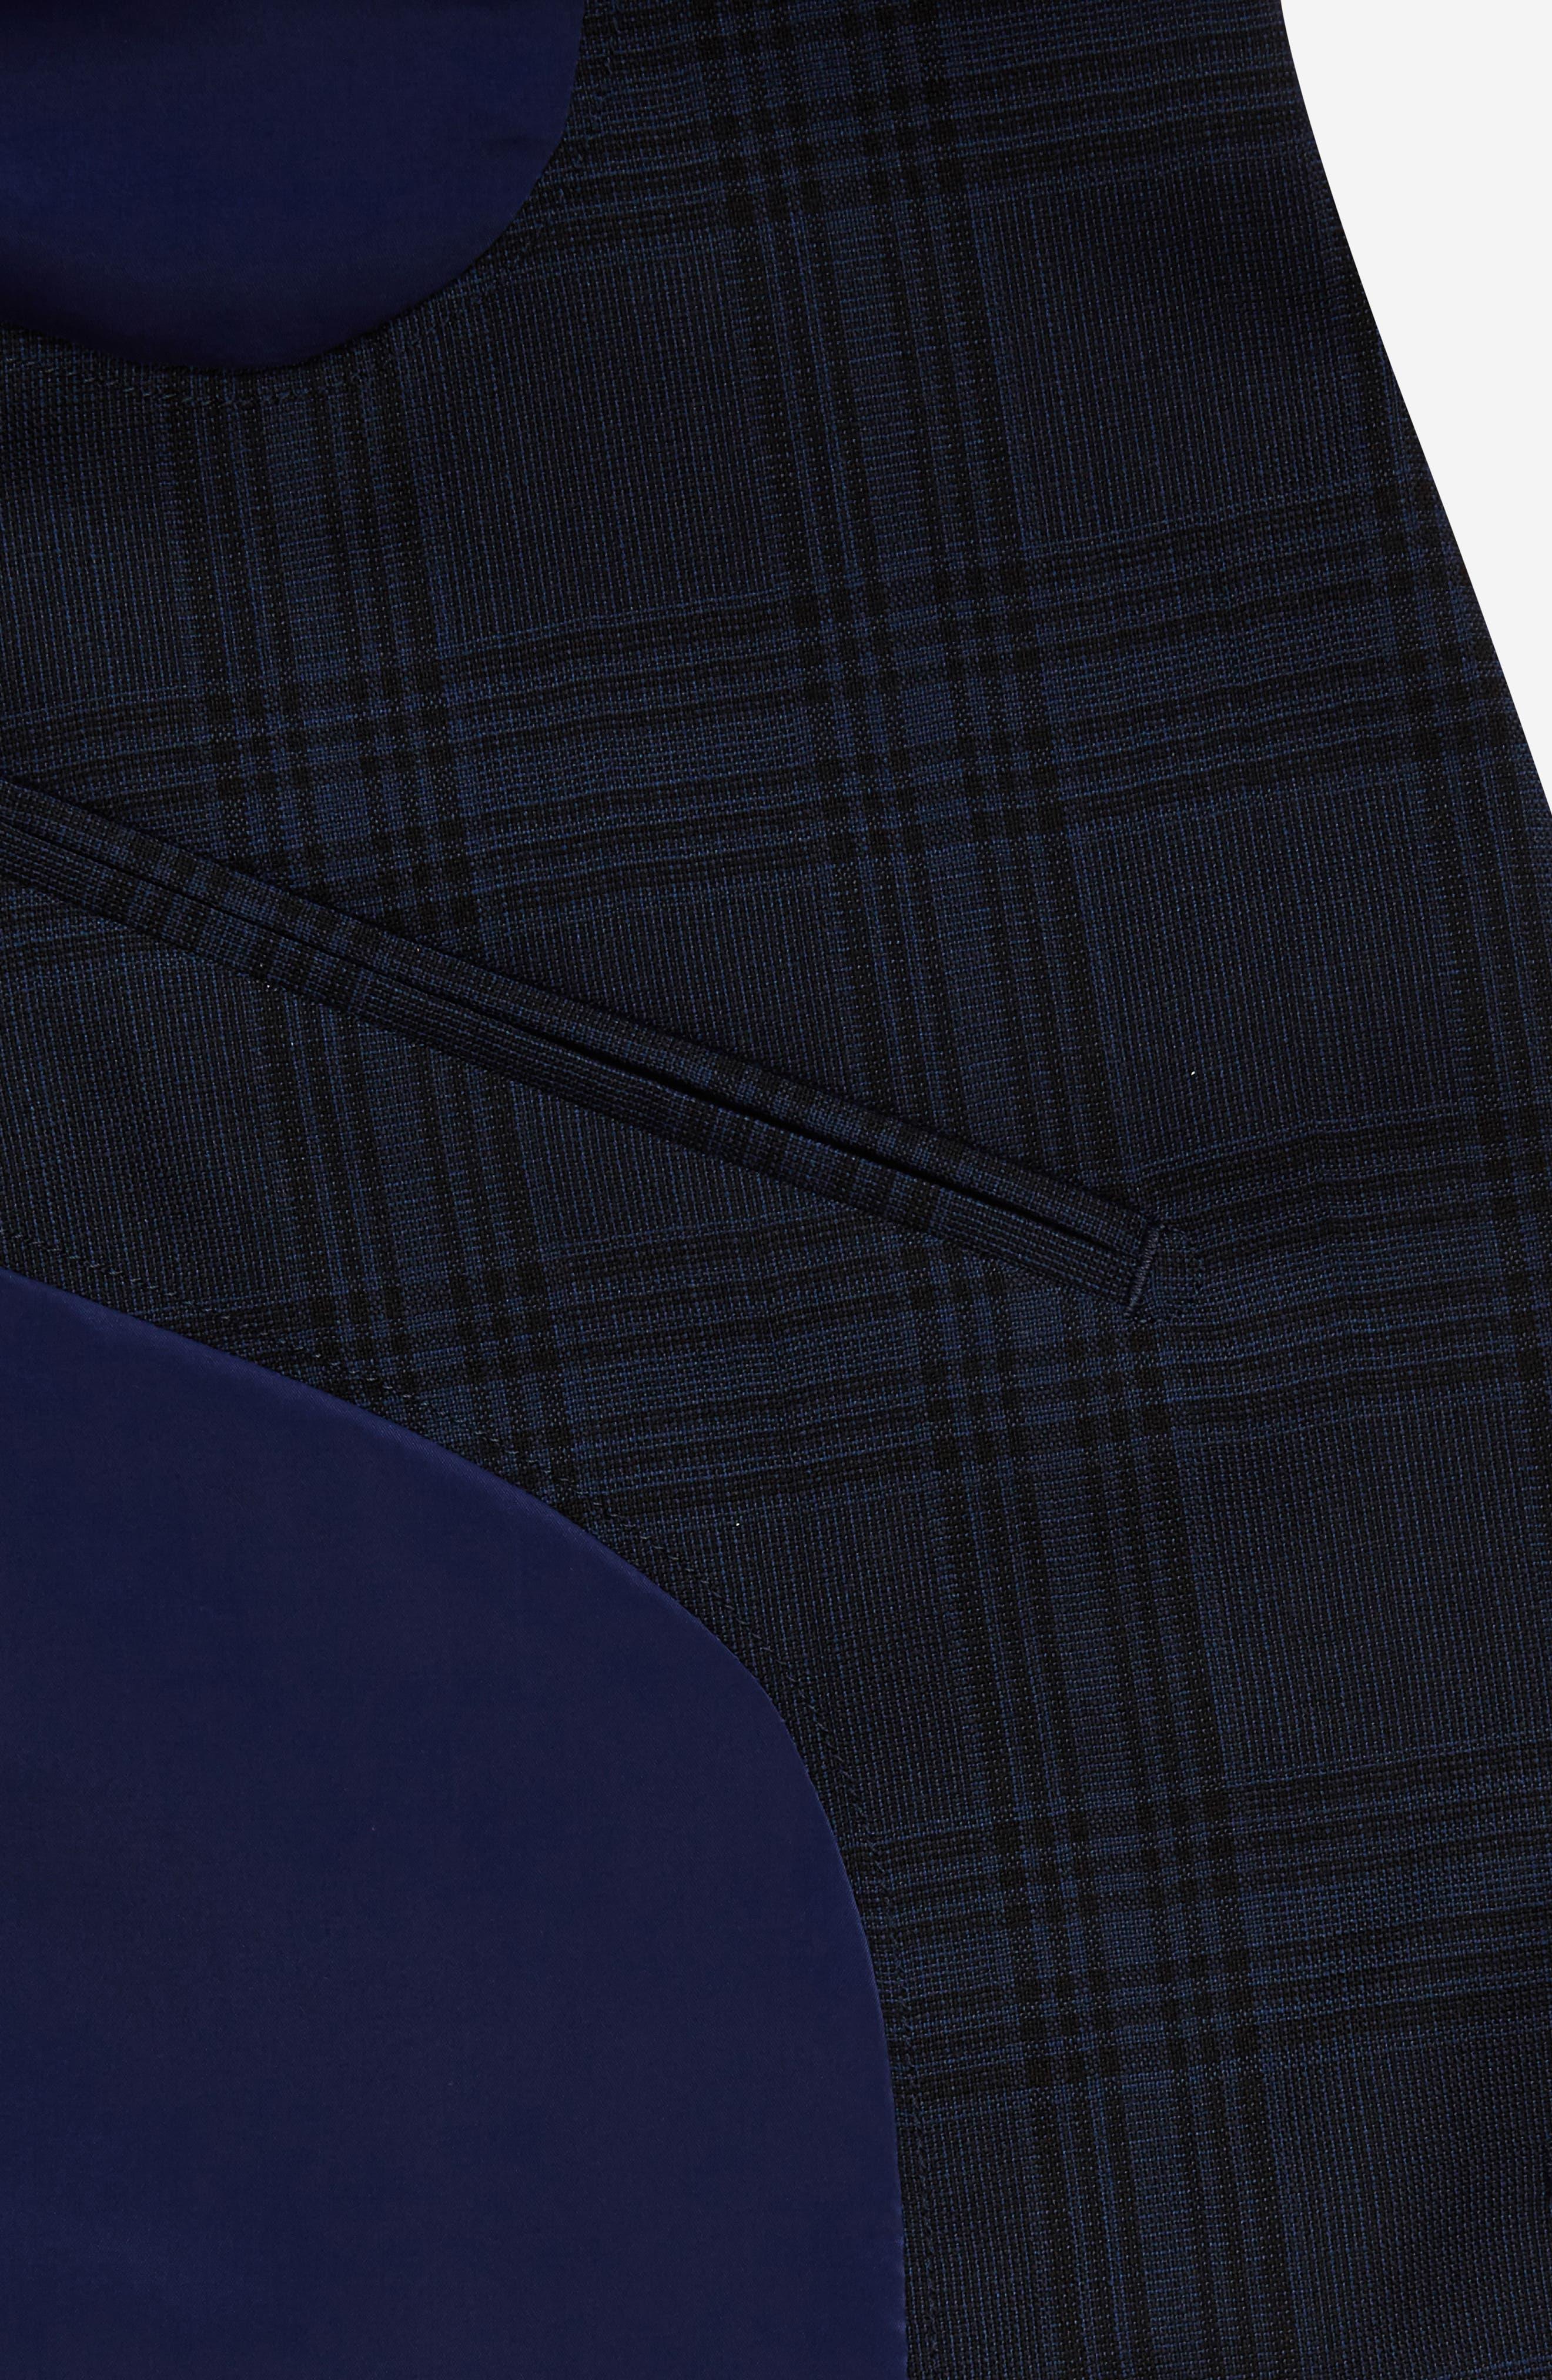 Jetsetter Trim Fit Stretch Plaid Wool Blend Suit Jacket,                             Alternate thumbnail 5, color,                             400